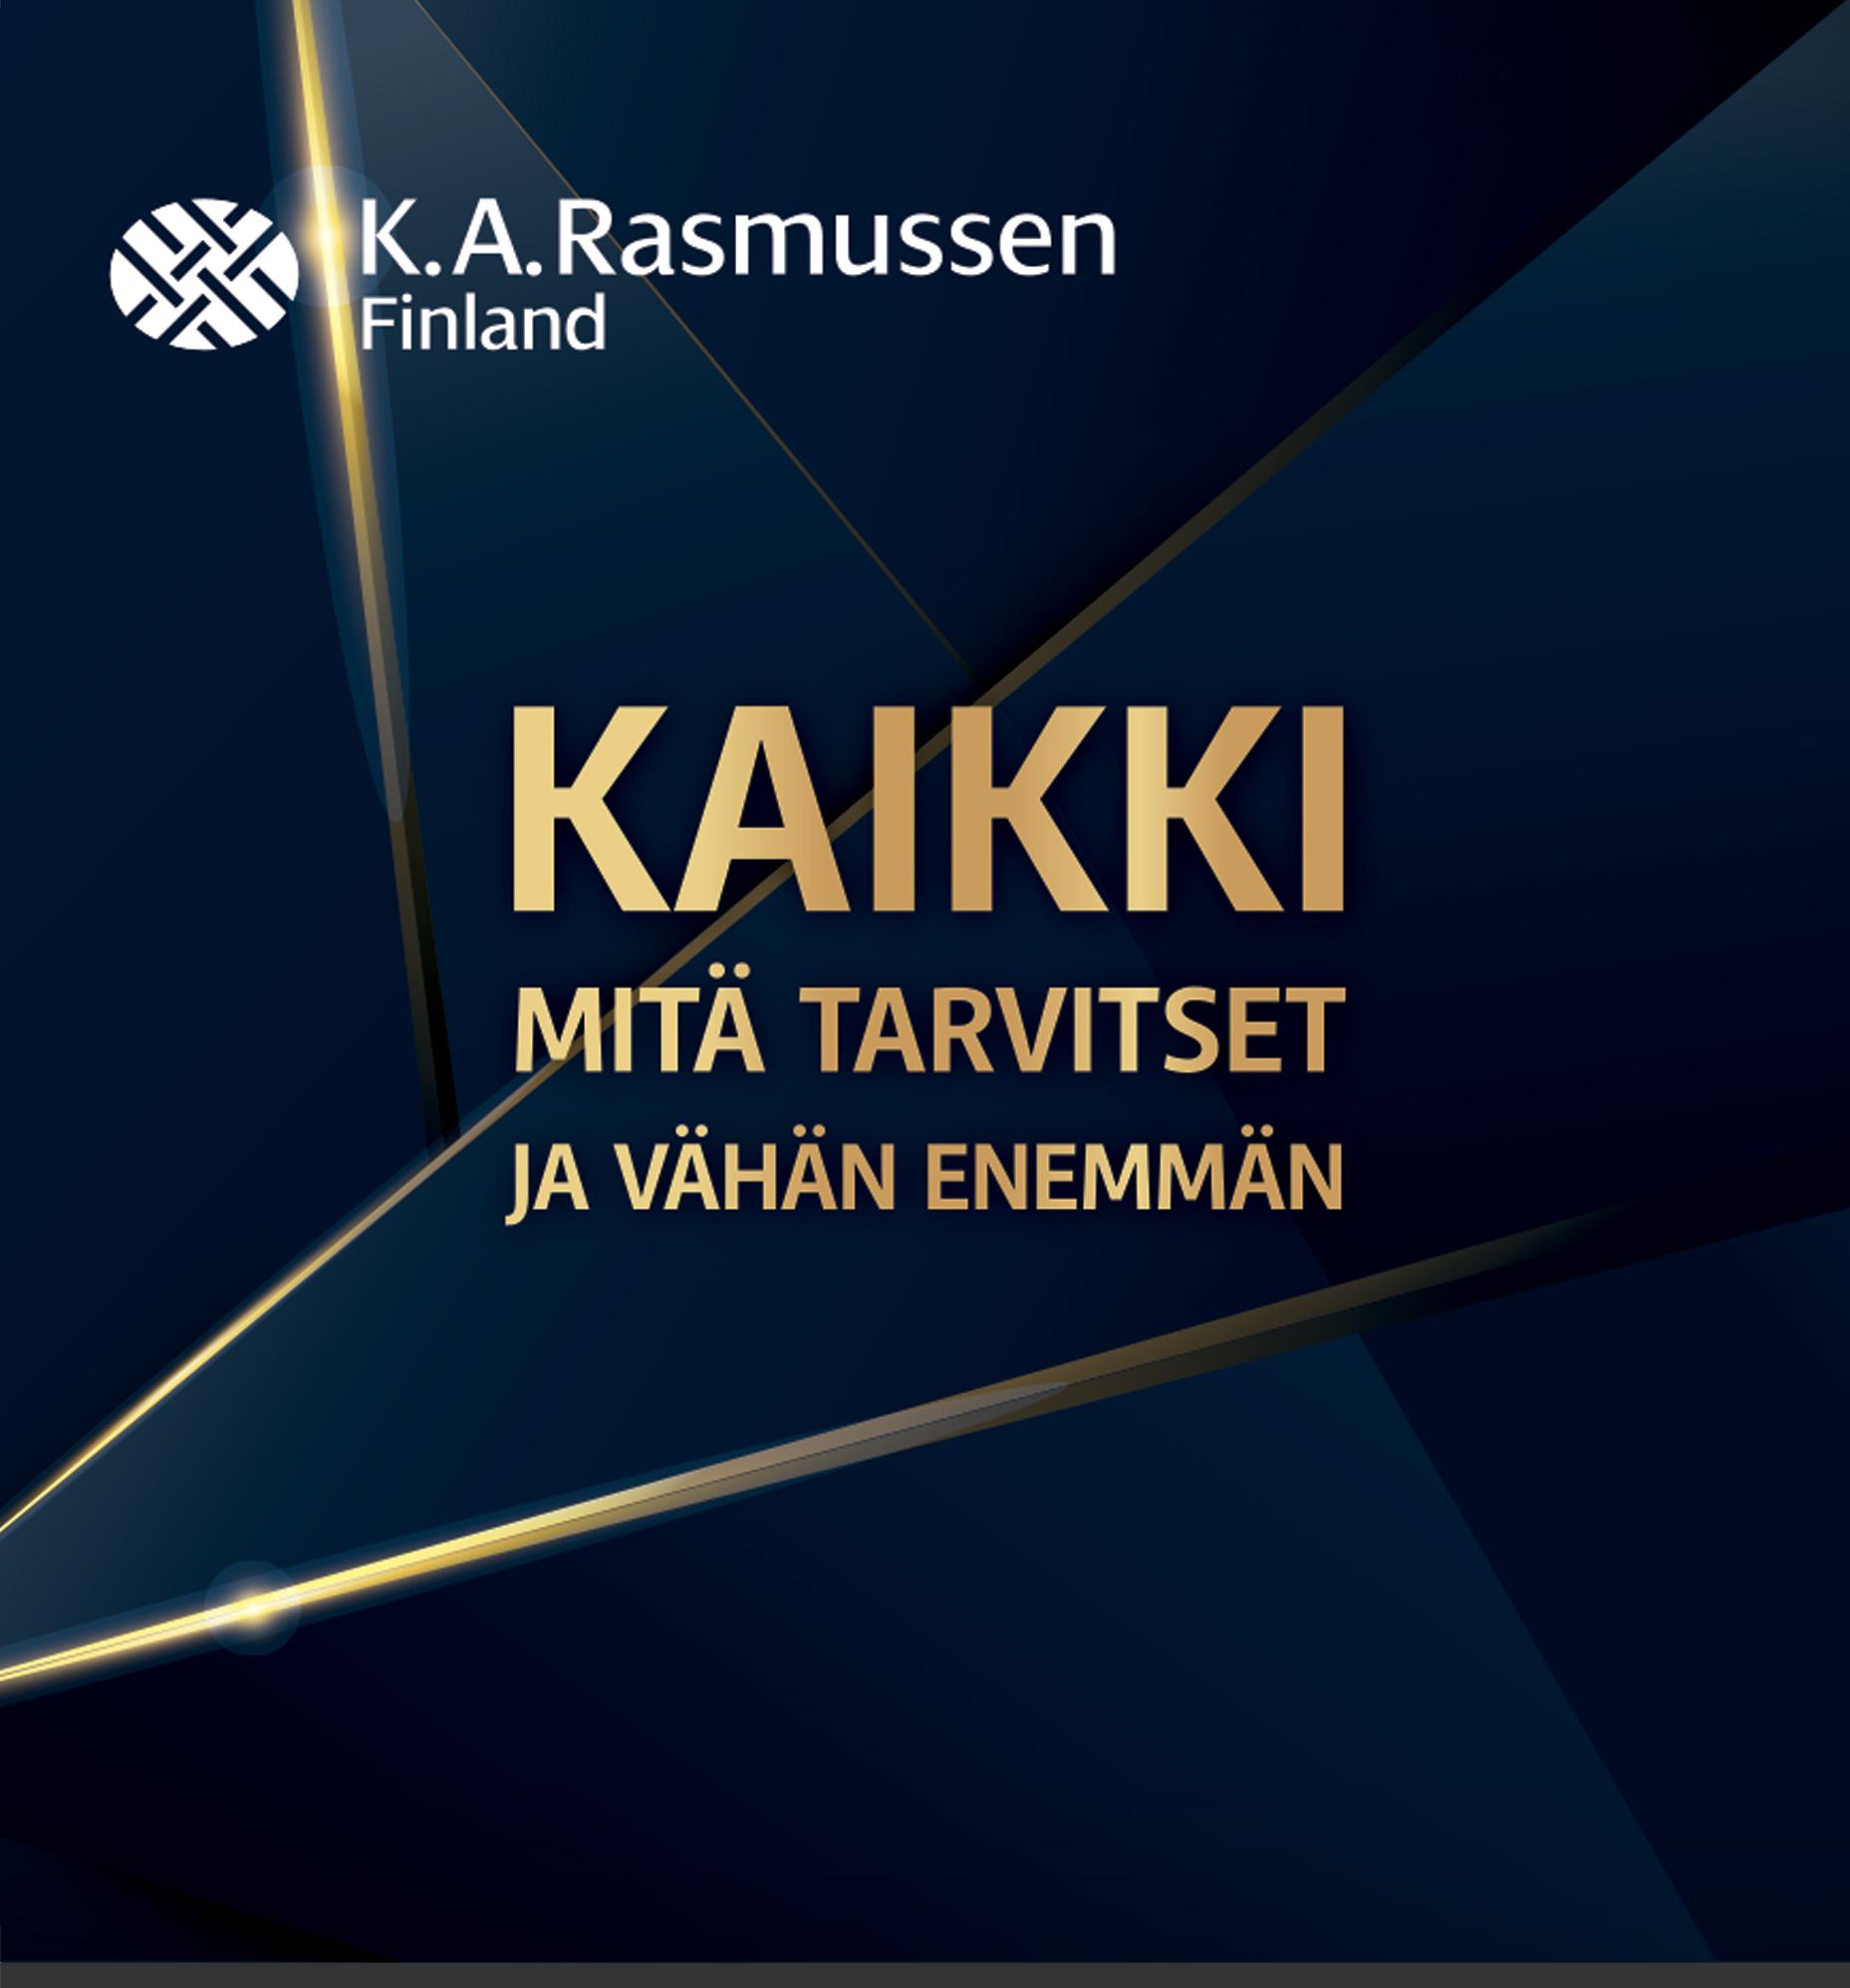 Rasmussen_esite